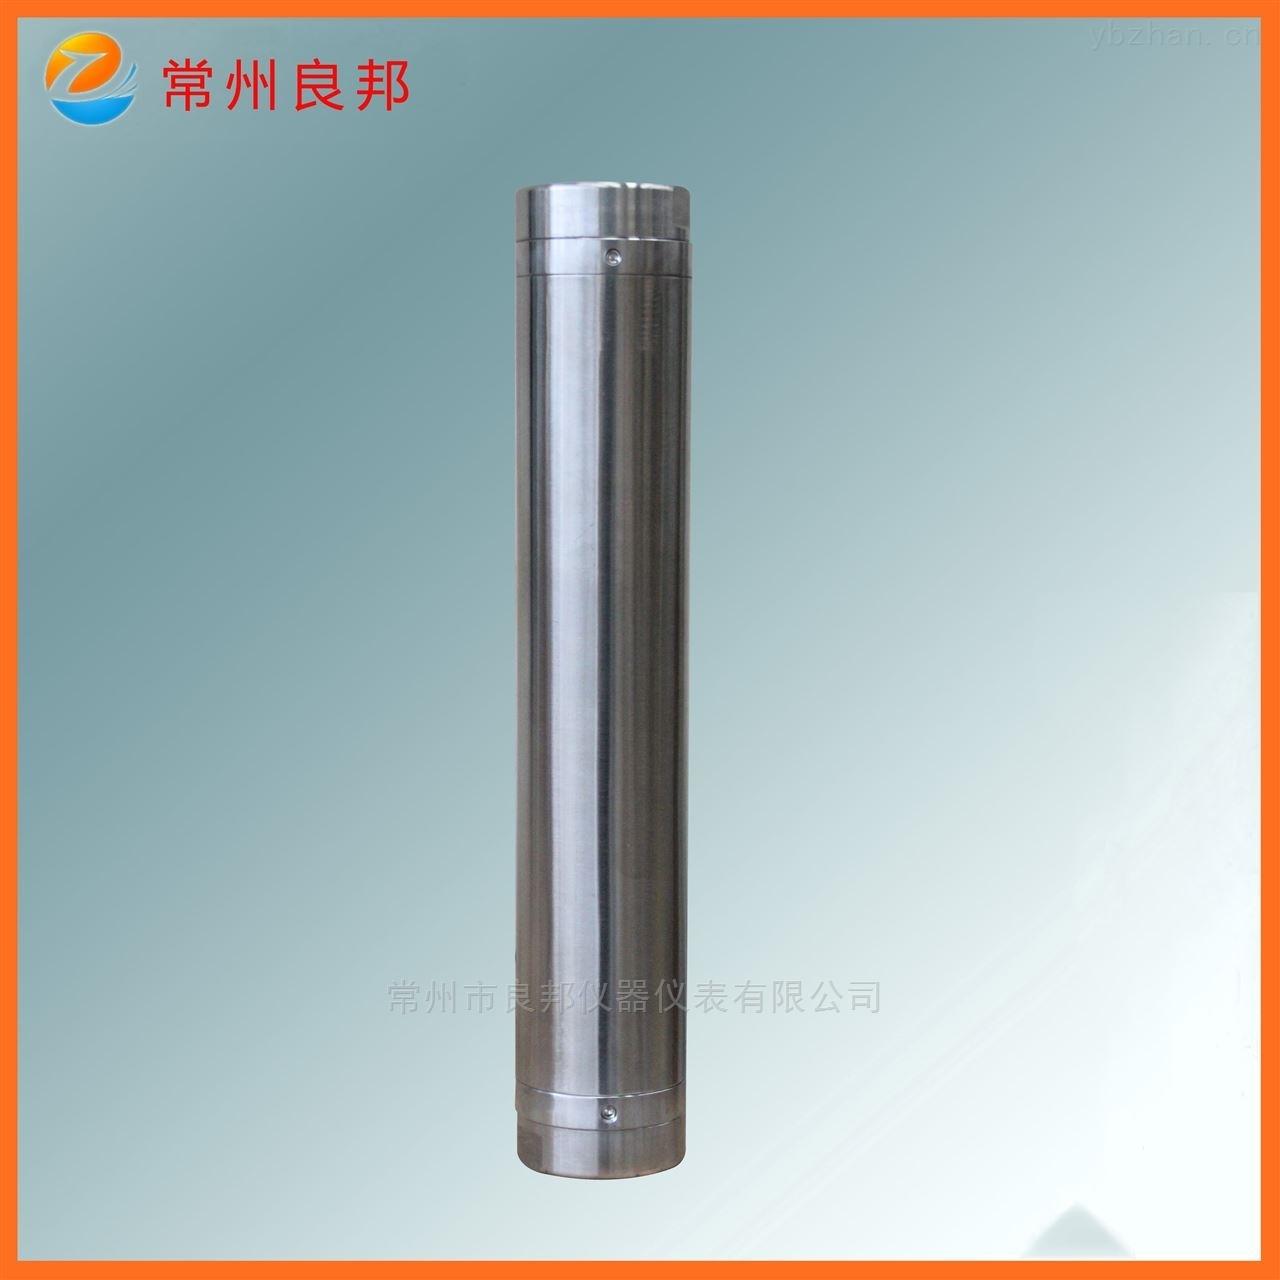 G30S-25不锈钢玻璃转子流量计 内丝螺纹连接